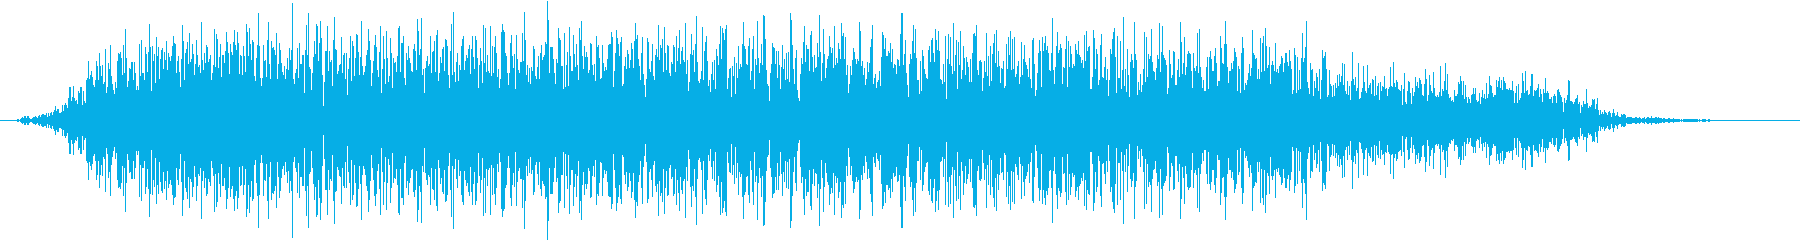 モンスター 悲鳴 44の再生済みの波形